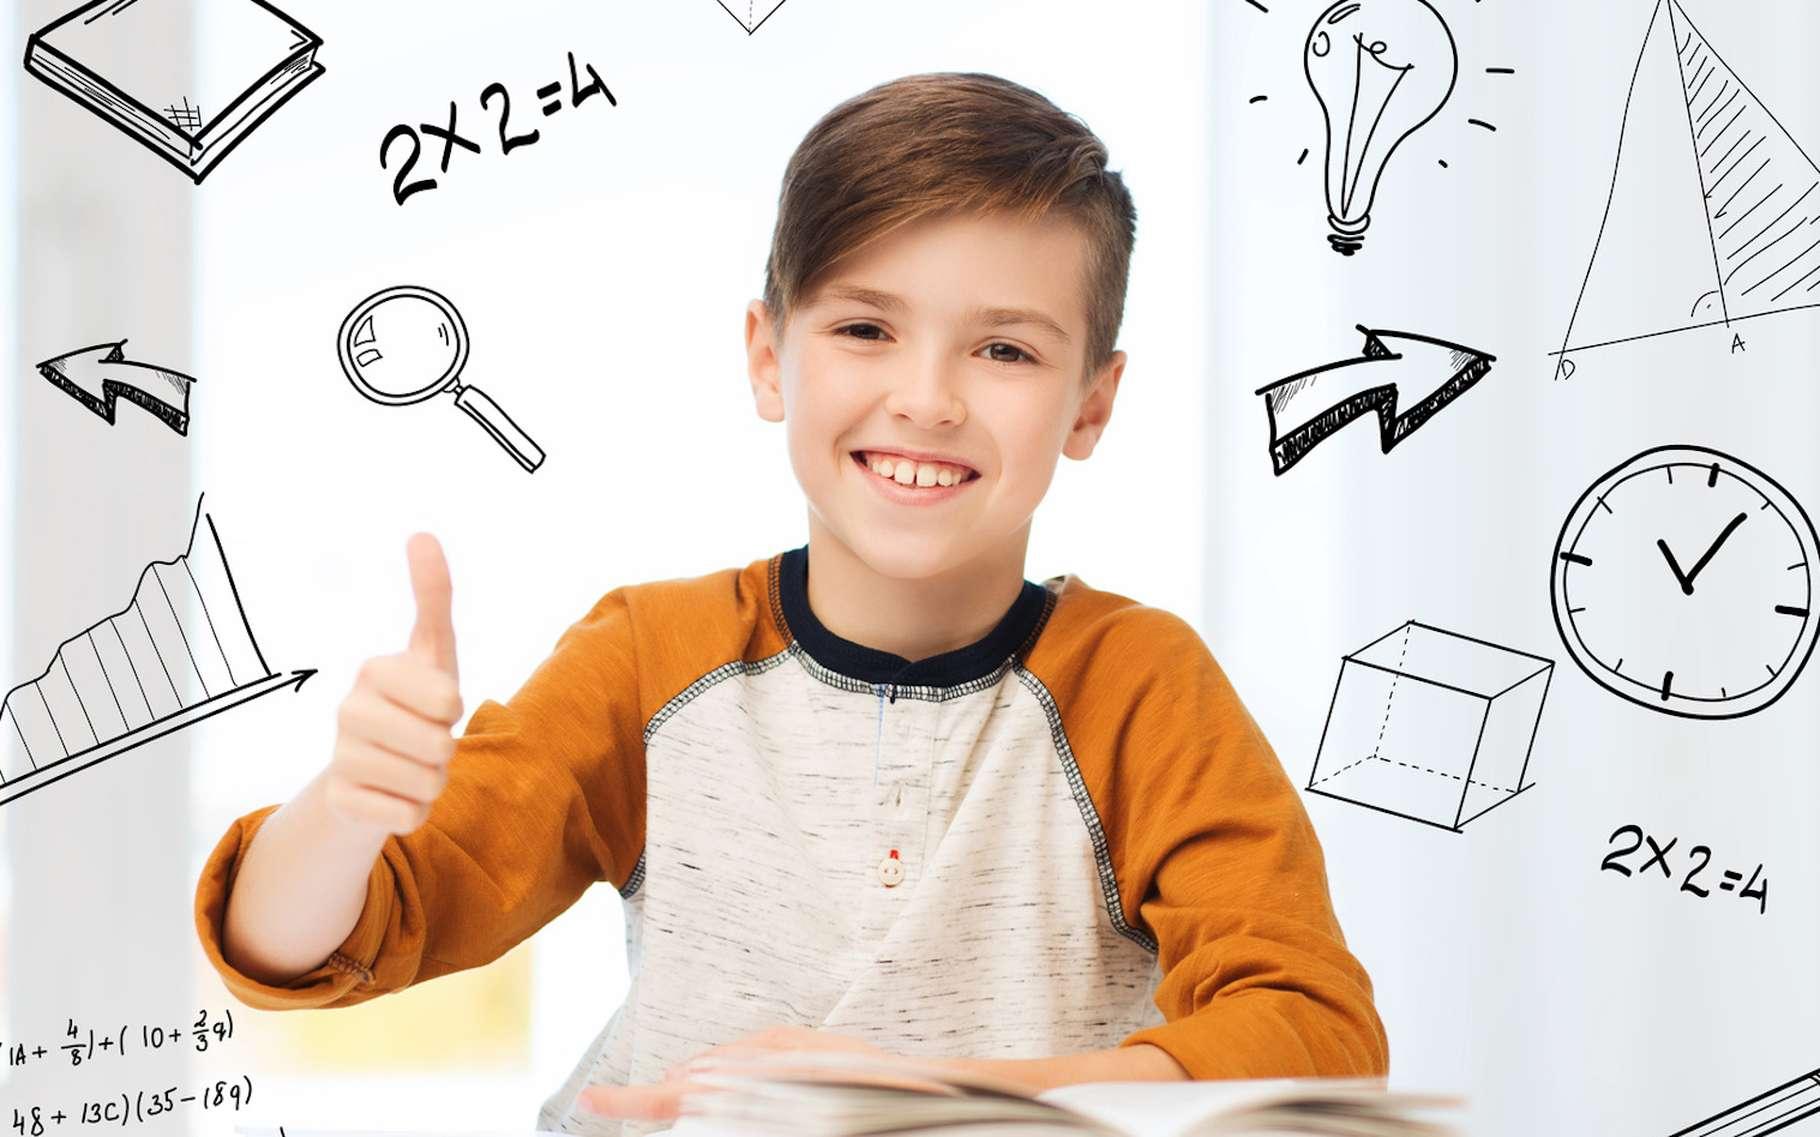 Certains diront que pour devenir meilleur en mathématiques, il suffit d'aimer les maths! © Syda Productions, Fotolia